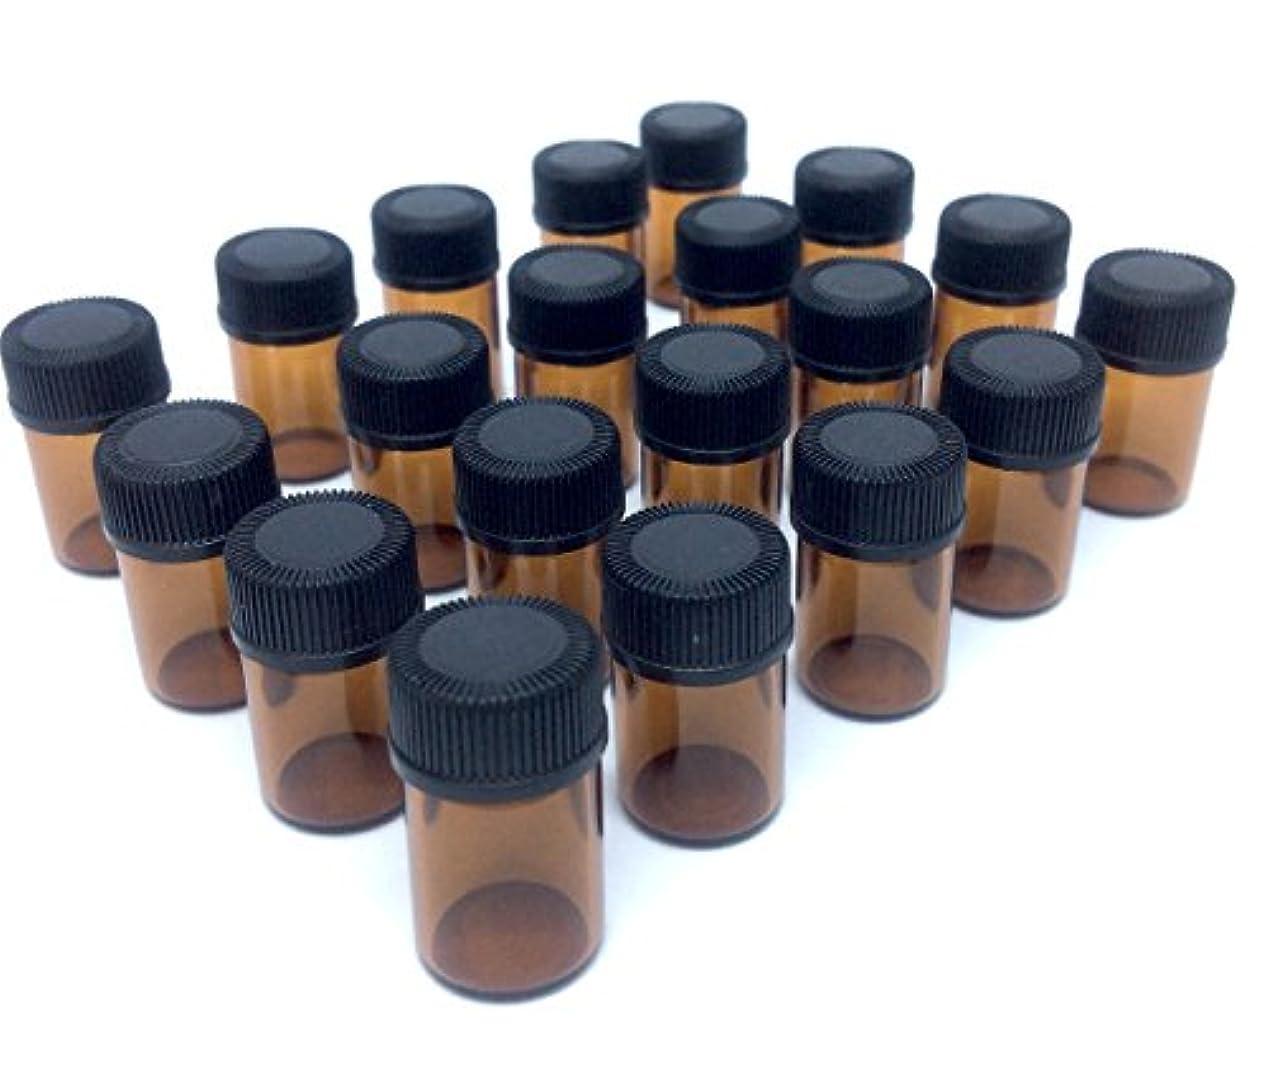 ストレッチ感謝している反発するアロマオイル 遮光瓶 精油 小分け用 ガラス製 保存容器 20本 セット (2ml)